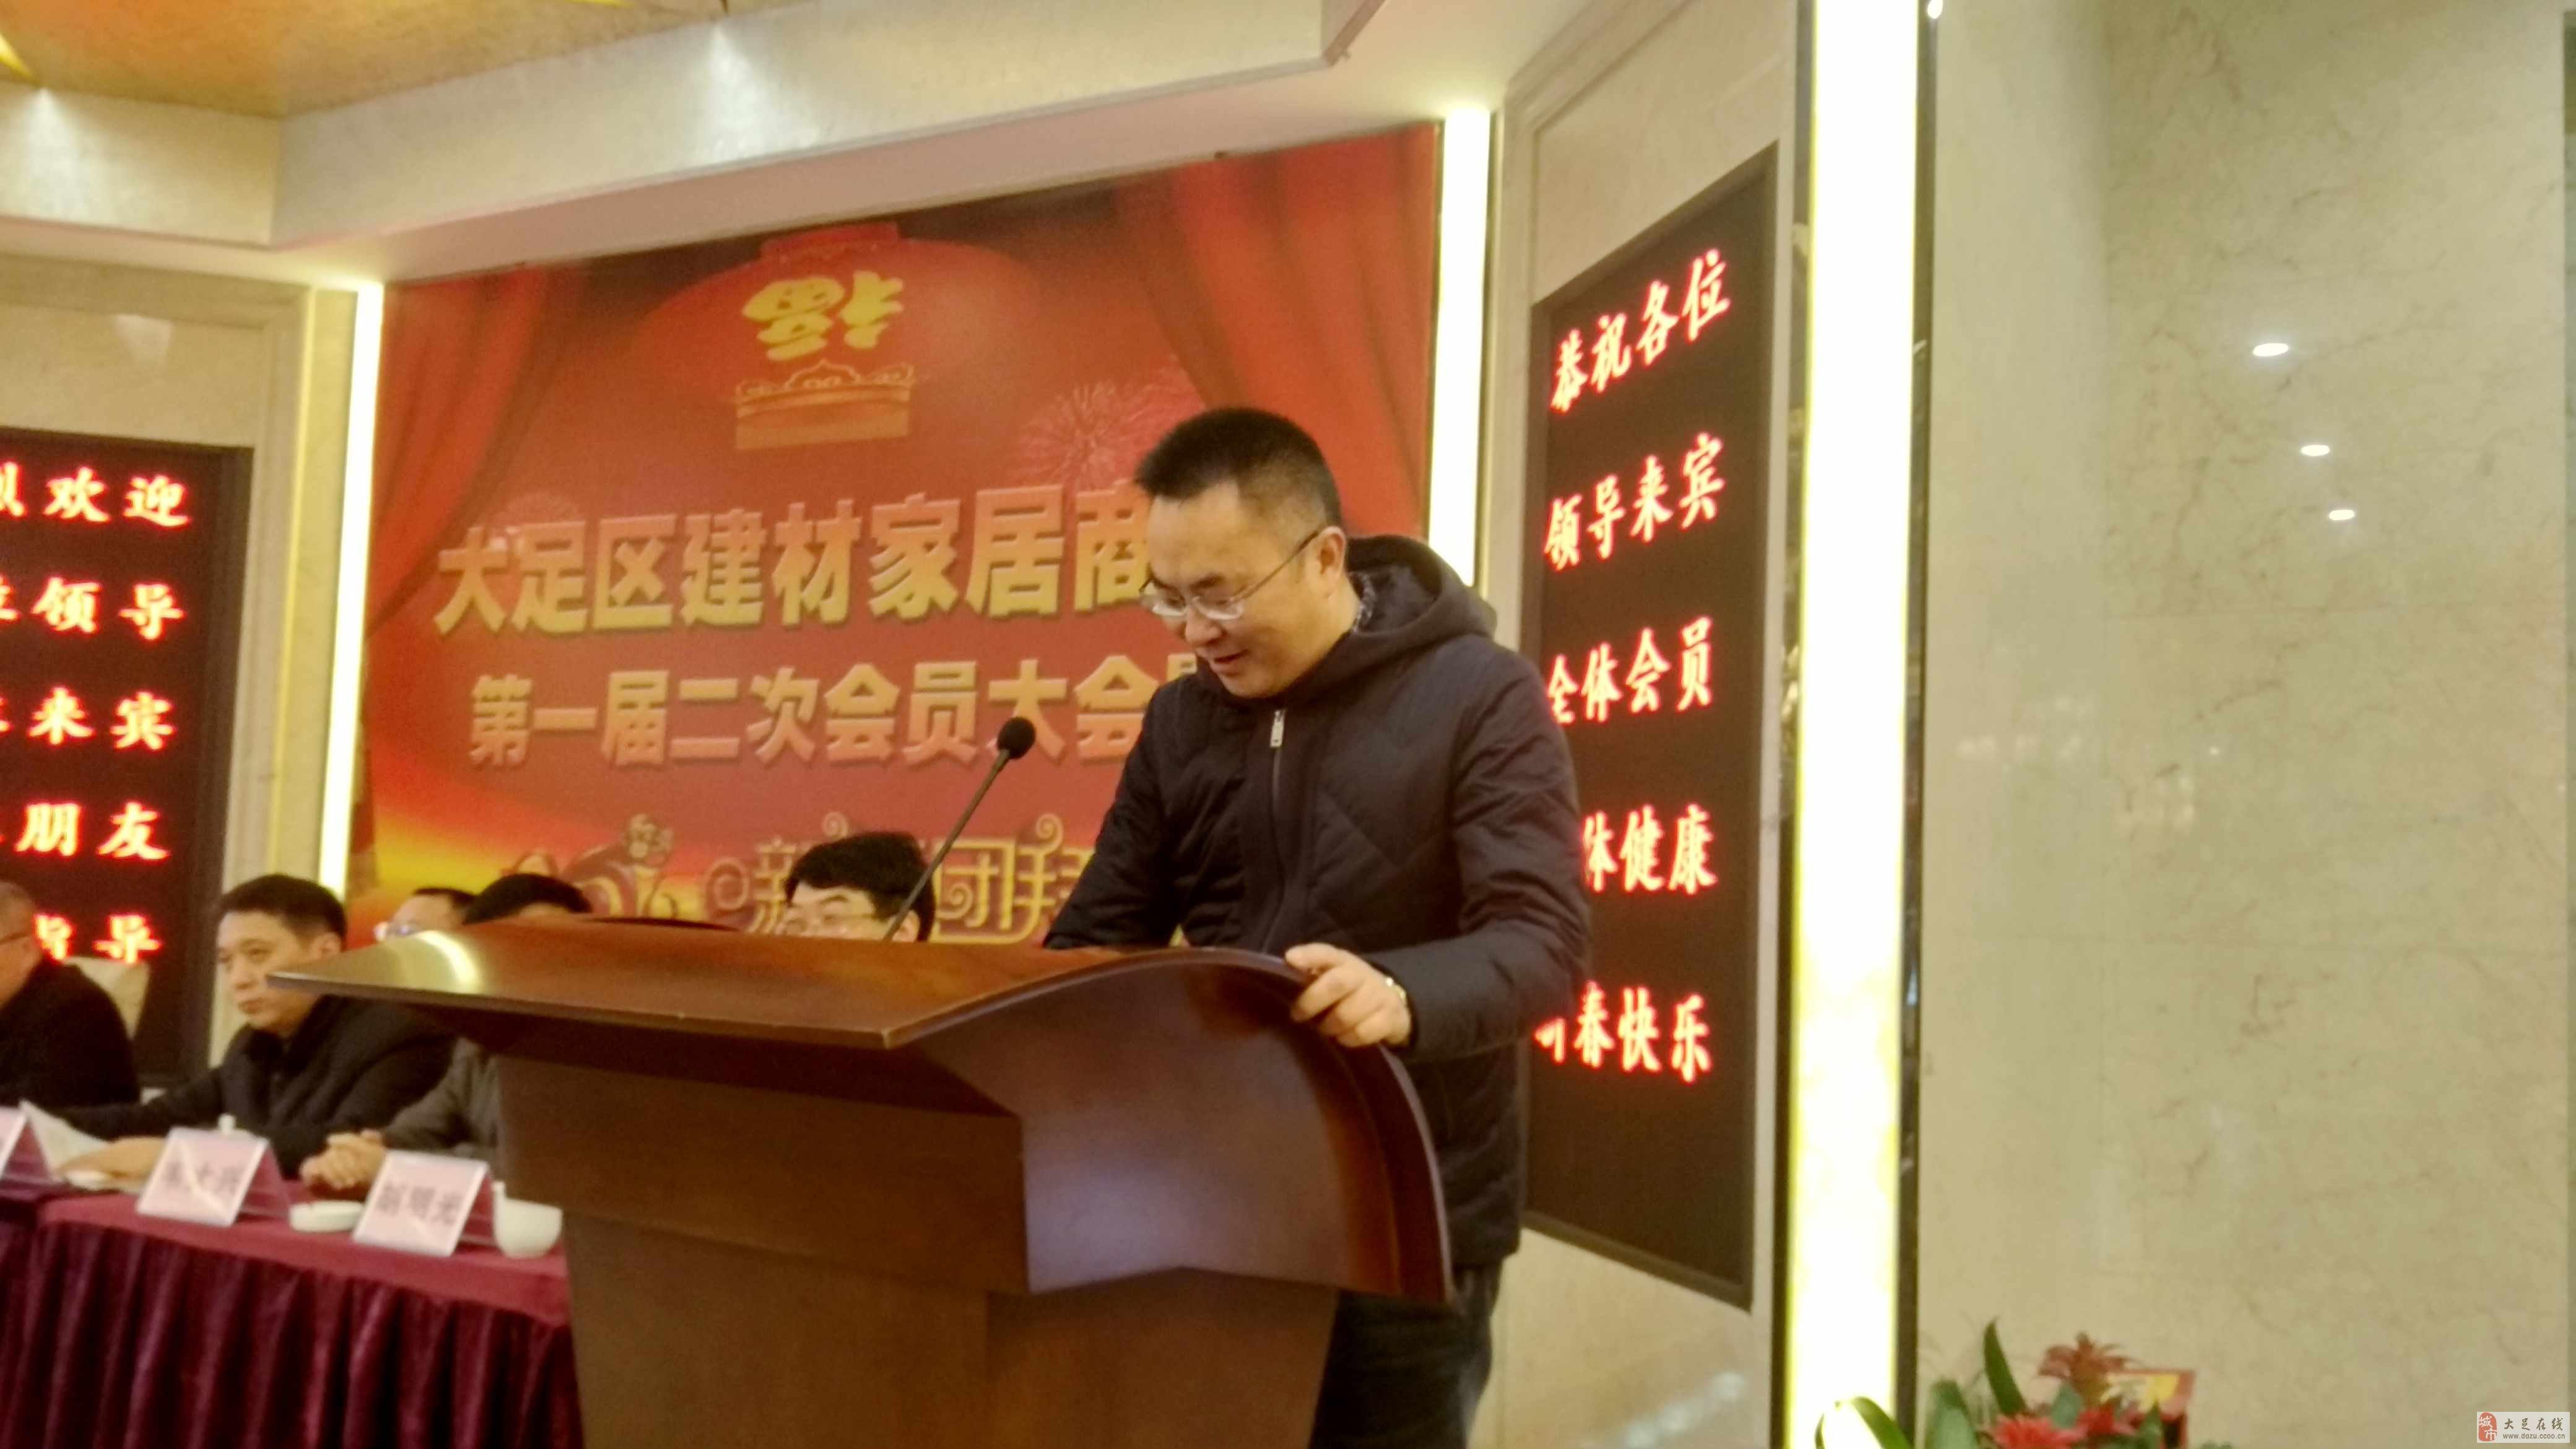 大足建材家居商会会员大会在吉润祥酒店举行